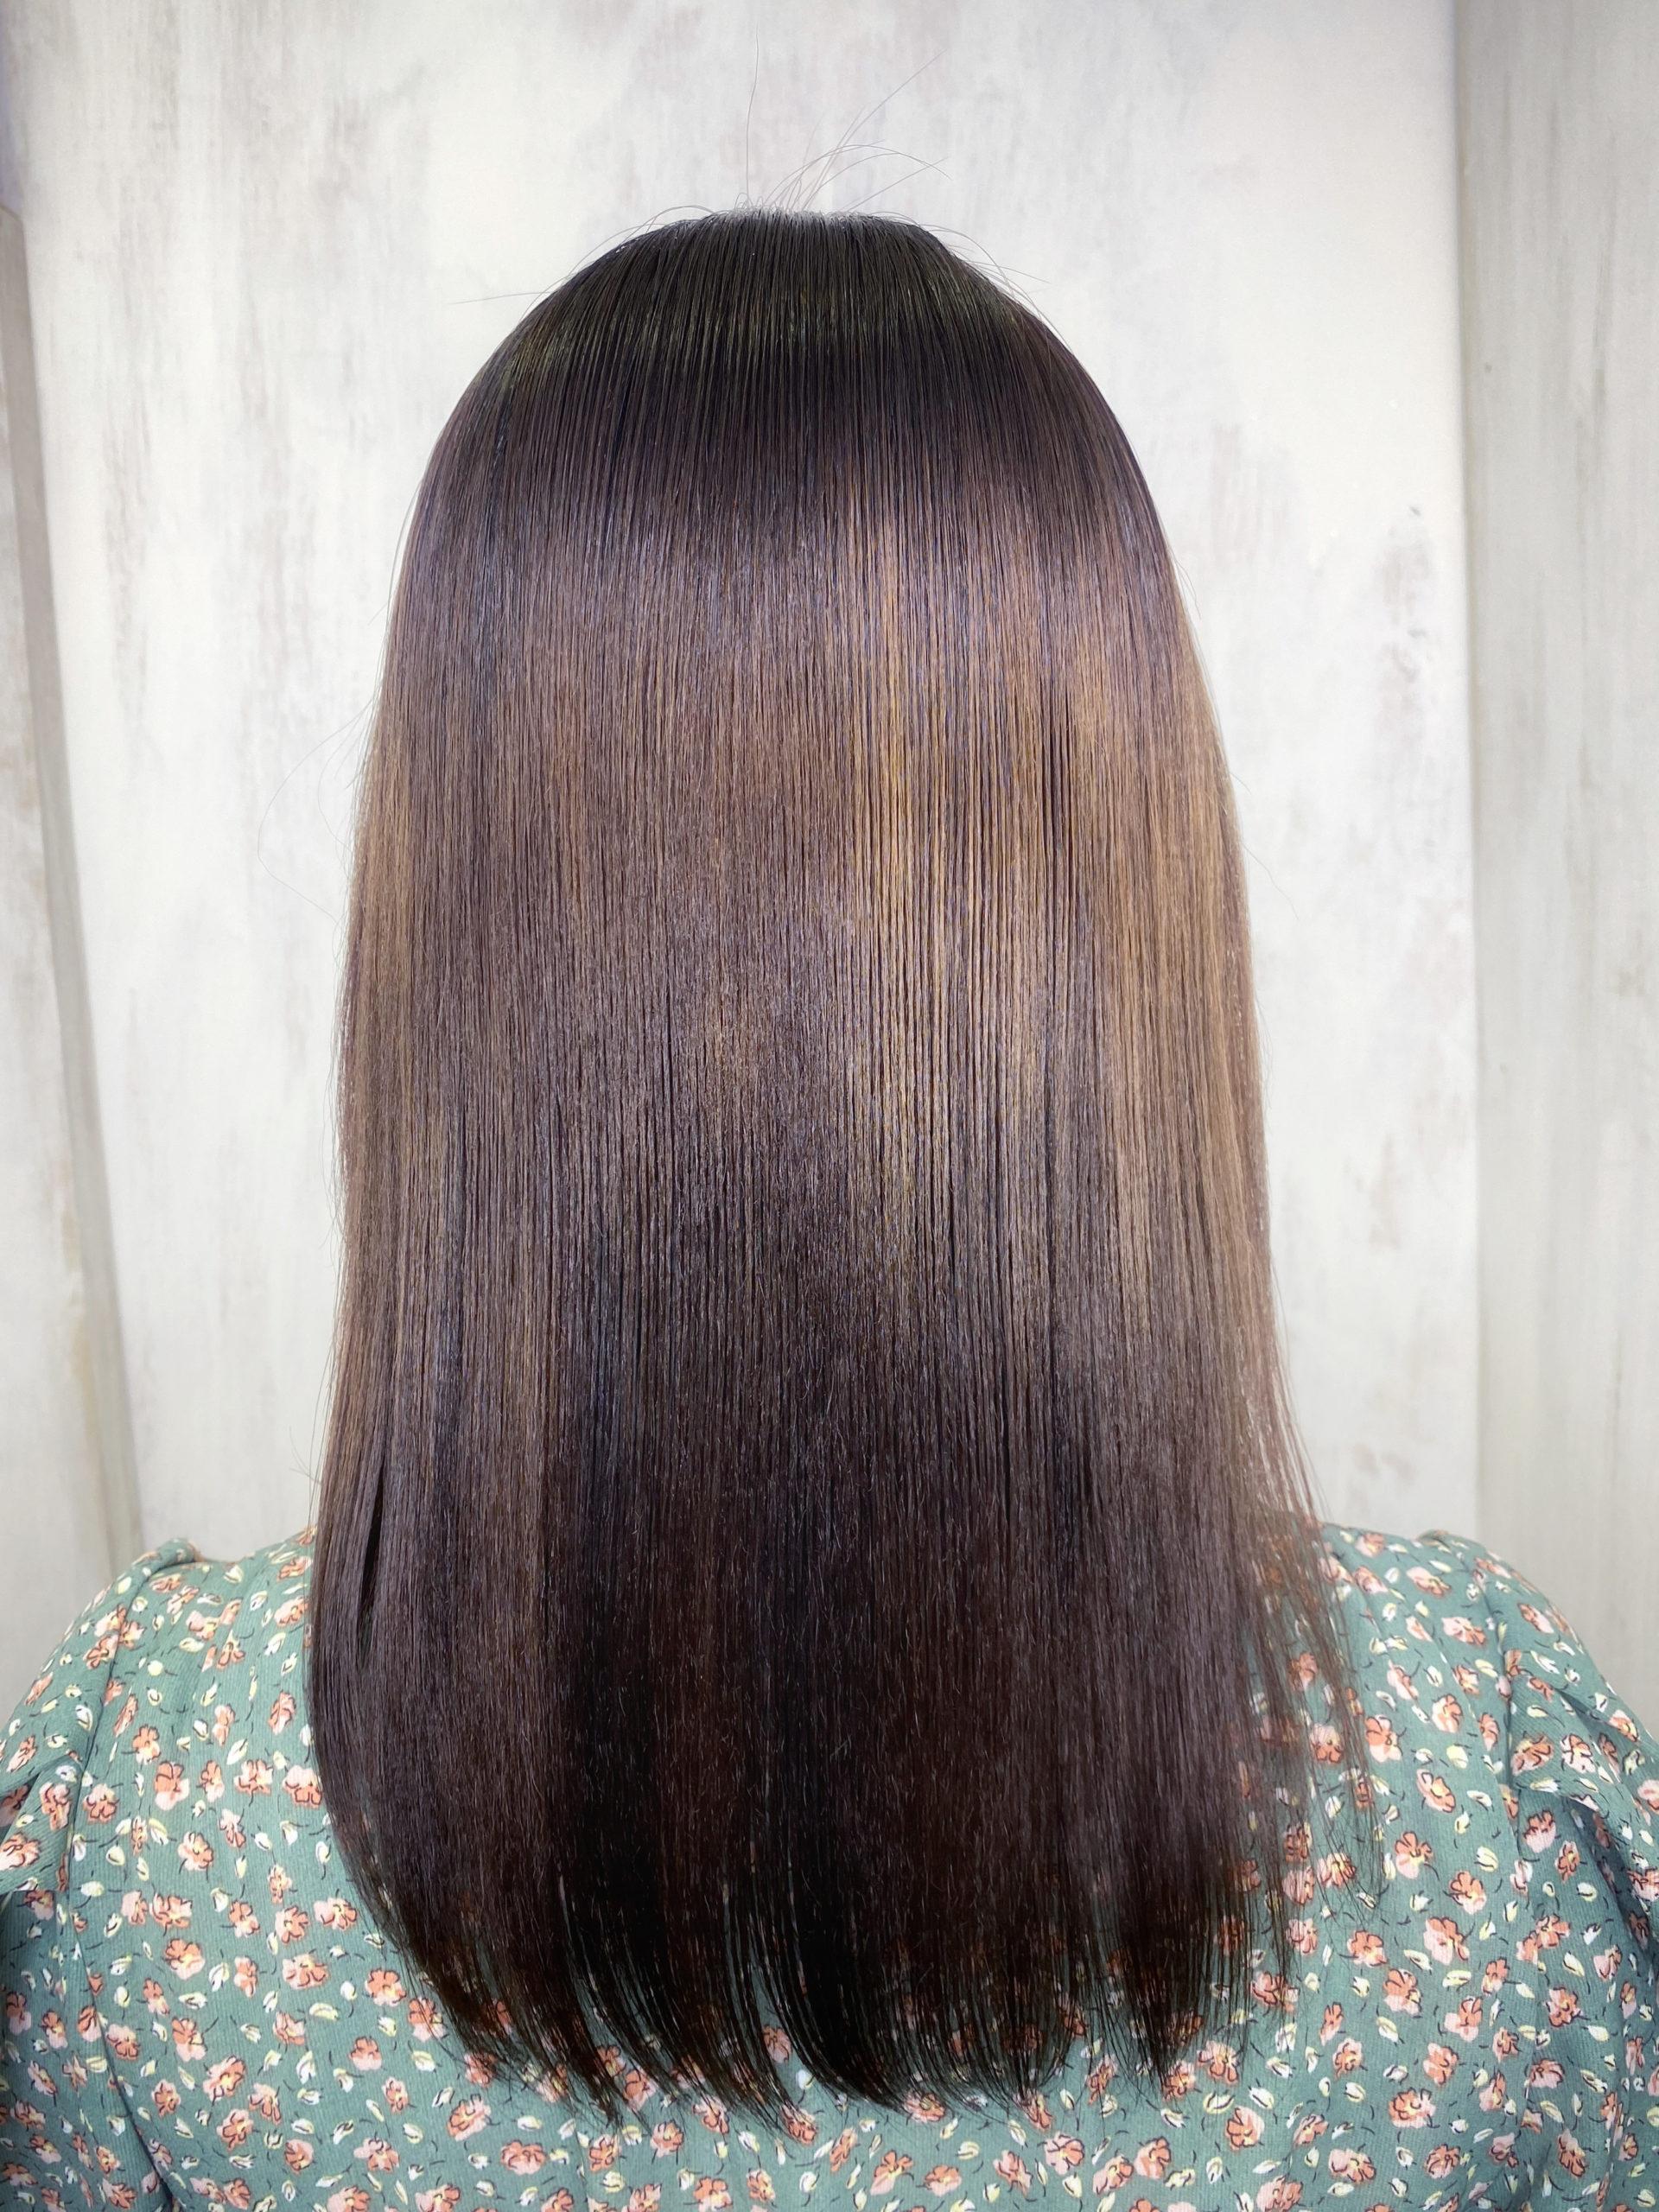 髪のパサつきや広がりが気になる方をビビリ矯正で艶髪。原宿・表参道『髪のお悩みを解決するヘアケア美容師の挑戦』